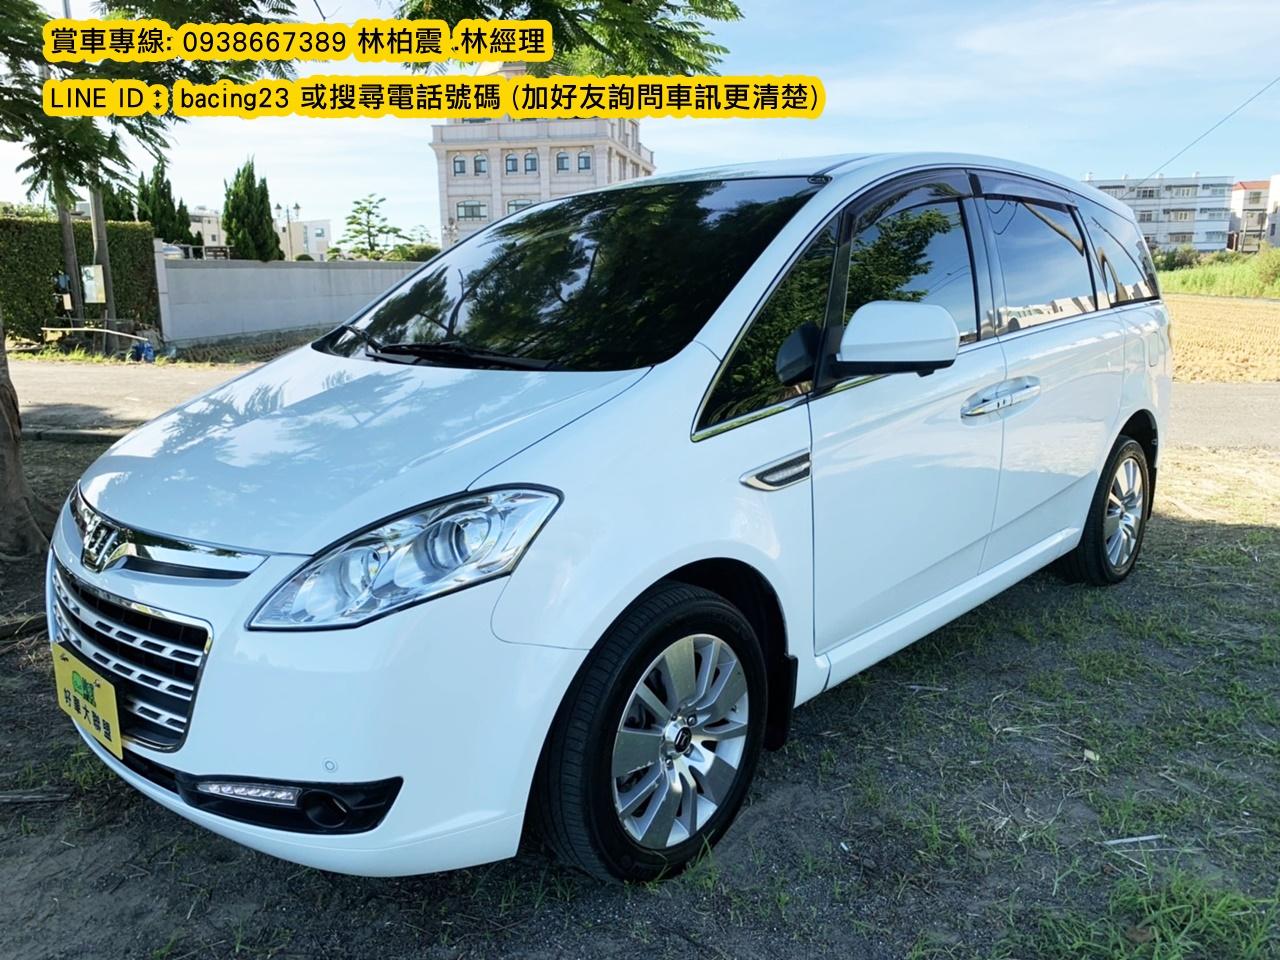 2013 Luxgen 納智捷 M7 turbo